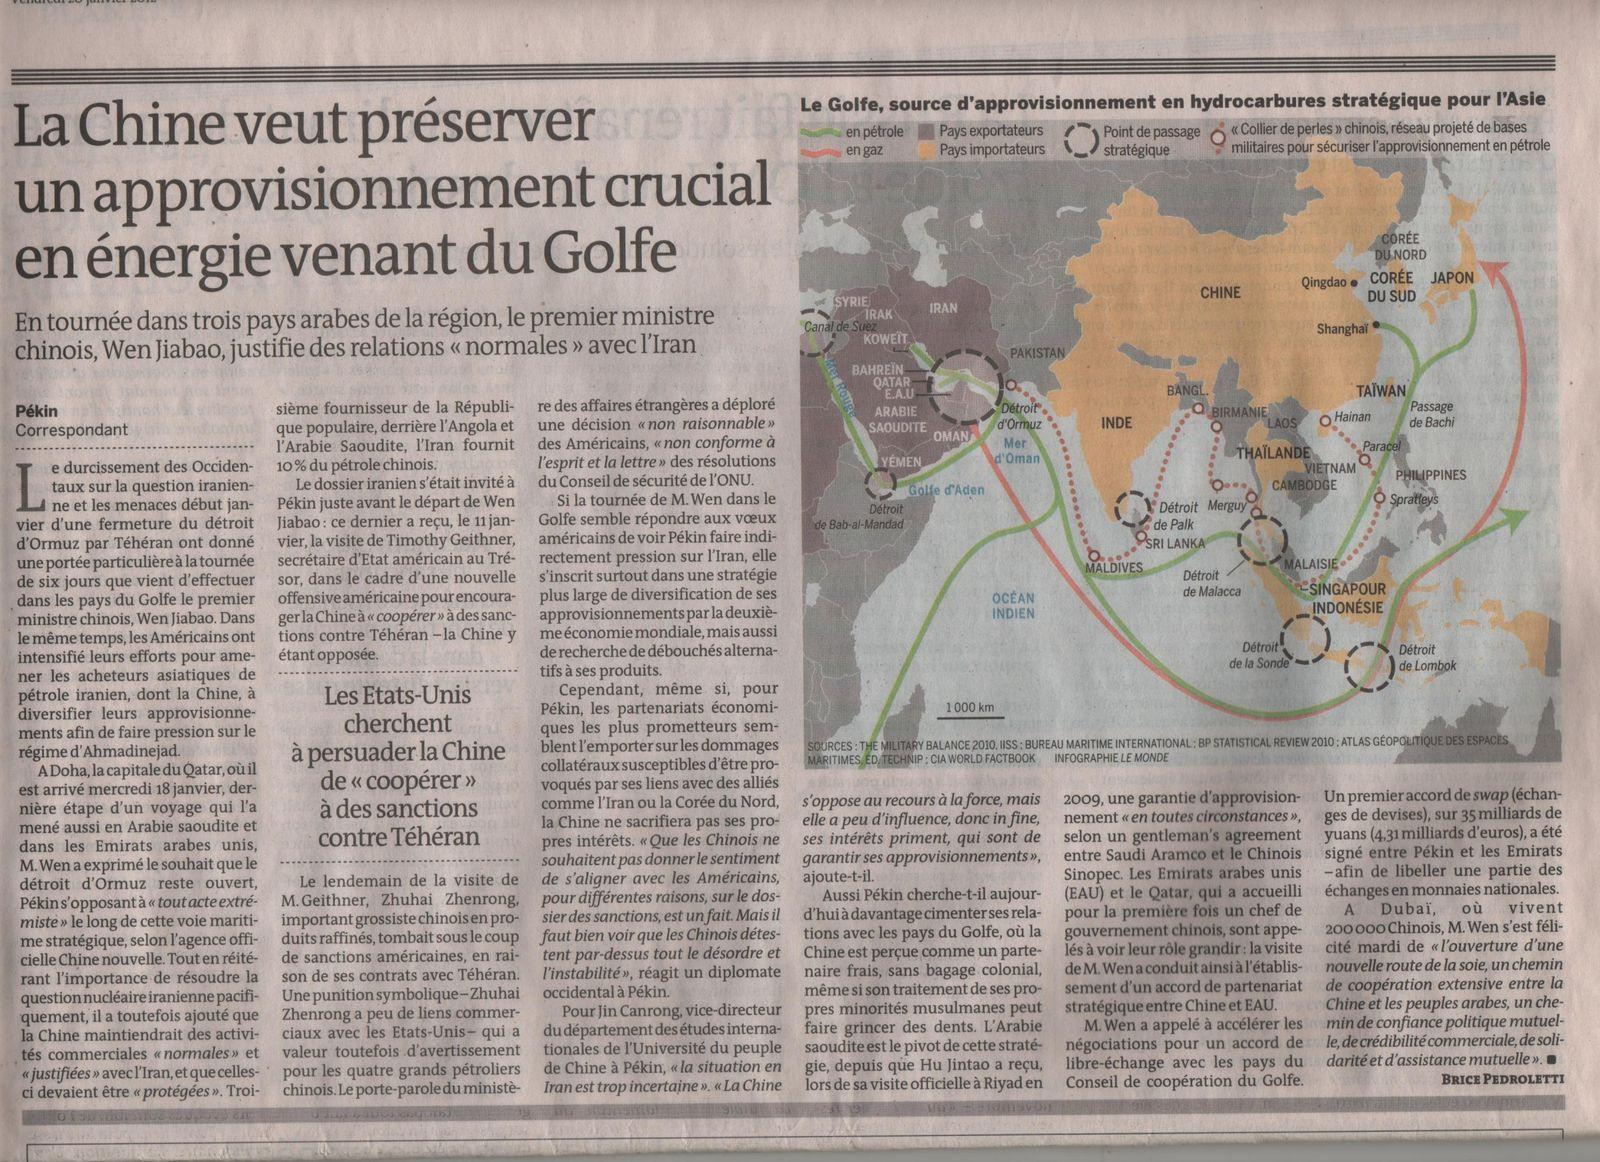 Chine hydrocarbures - le Monde - 20 janvier 2012